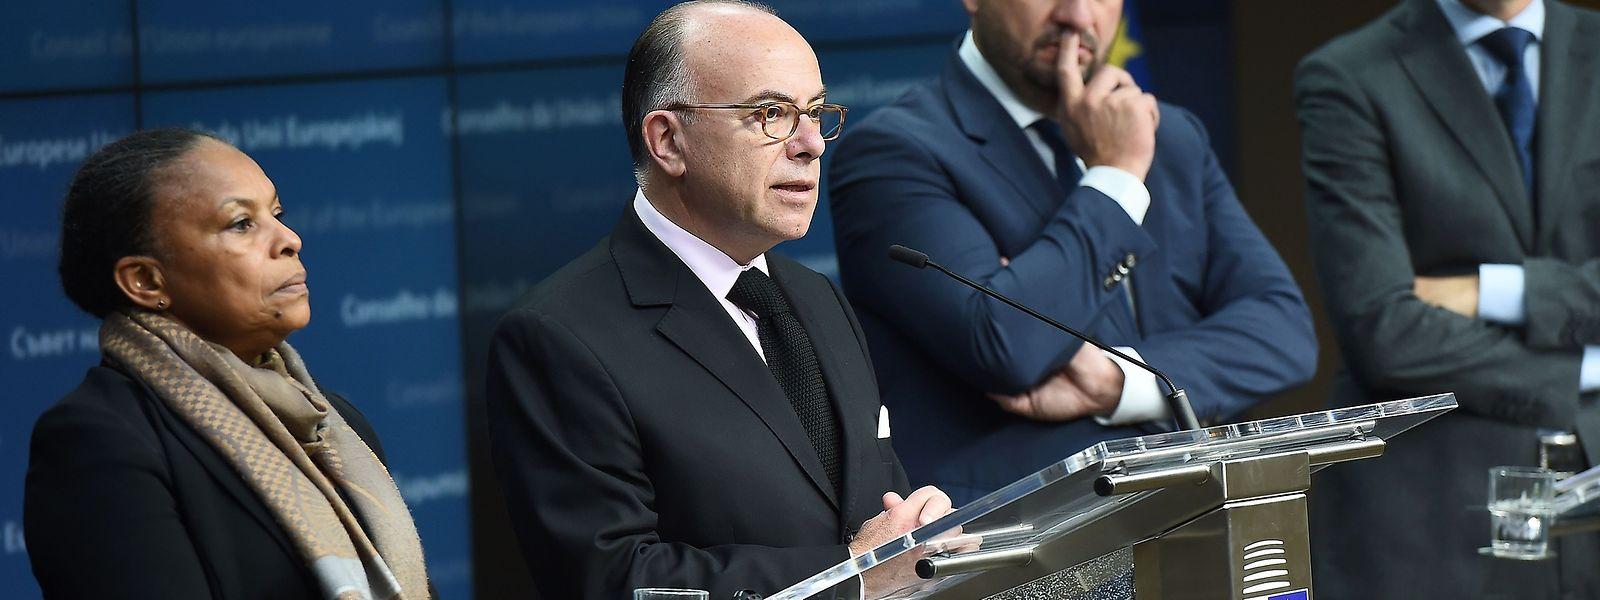 Die französische Justizministerin Christiane Taubira, der französische Innenminister Bernard Cazeneuve, Innenminister Etienne Schneider und Justizminister Minister Felix Braz.